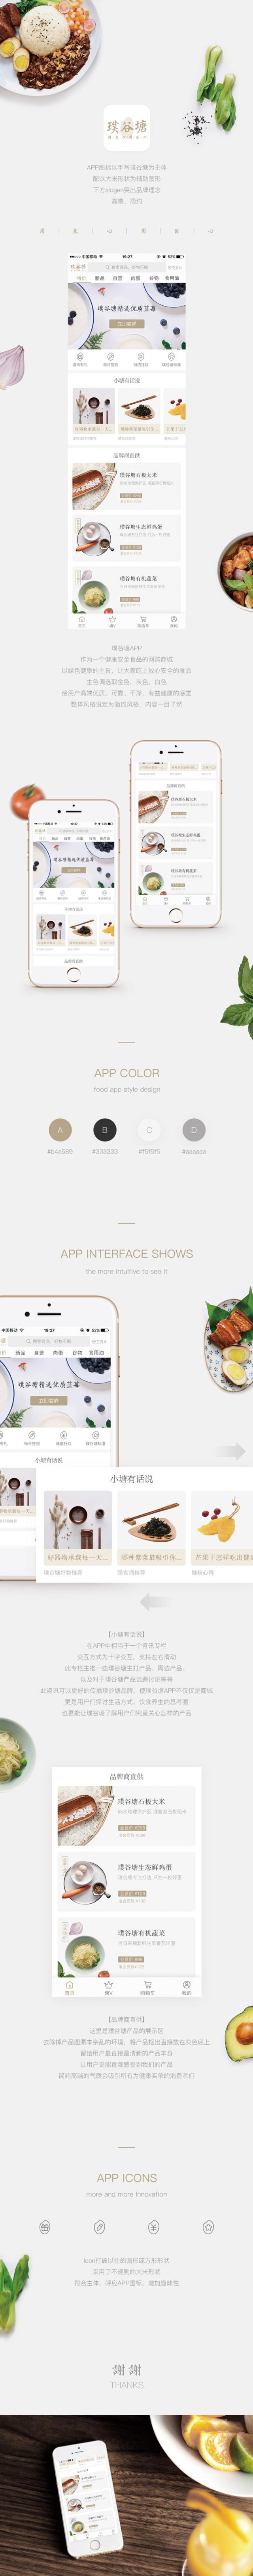 璞谷塘APP首页设计比赛:一、二、三等奖APP作品欣赏